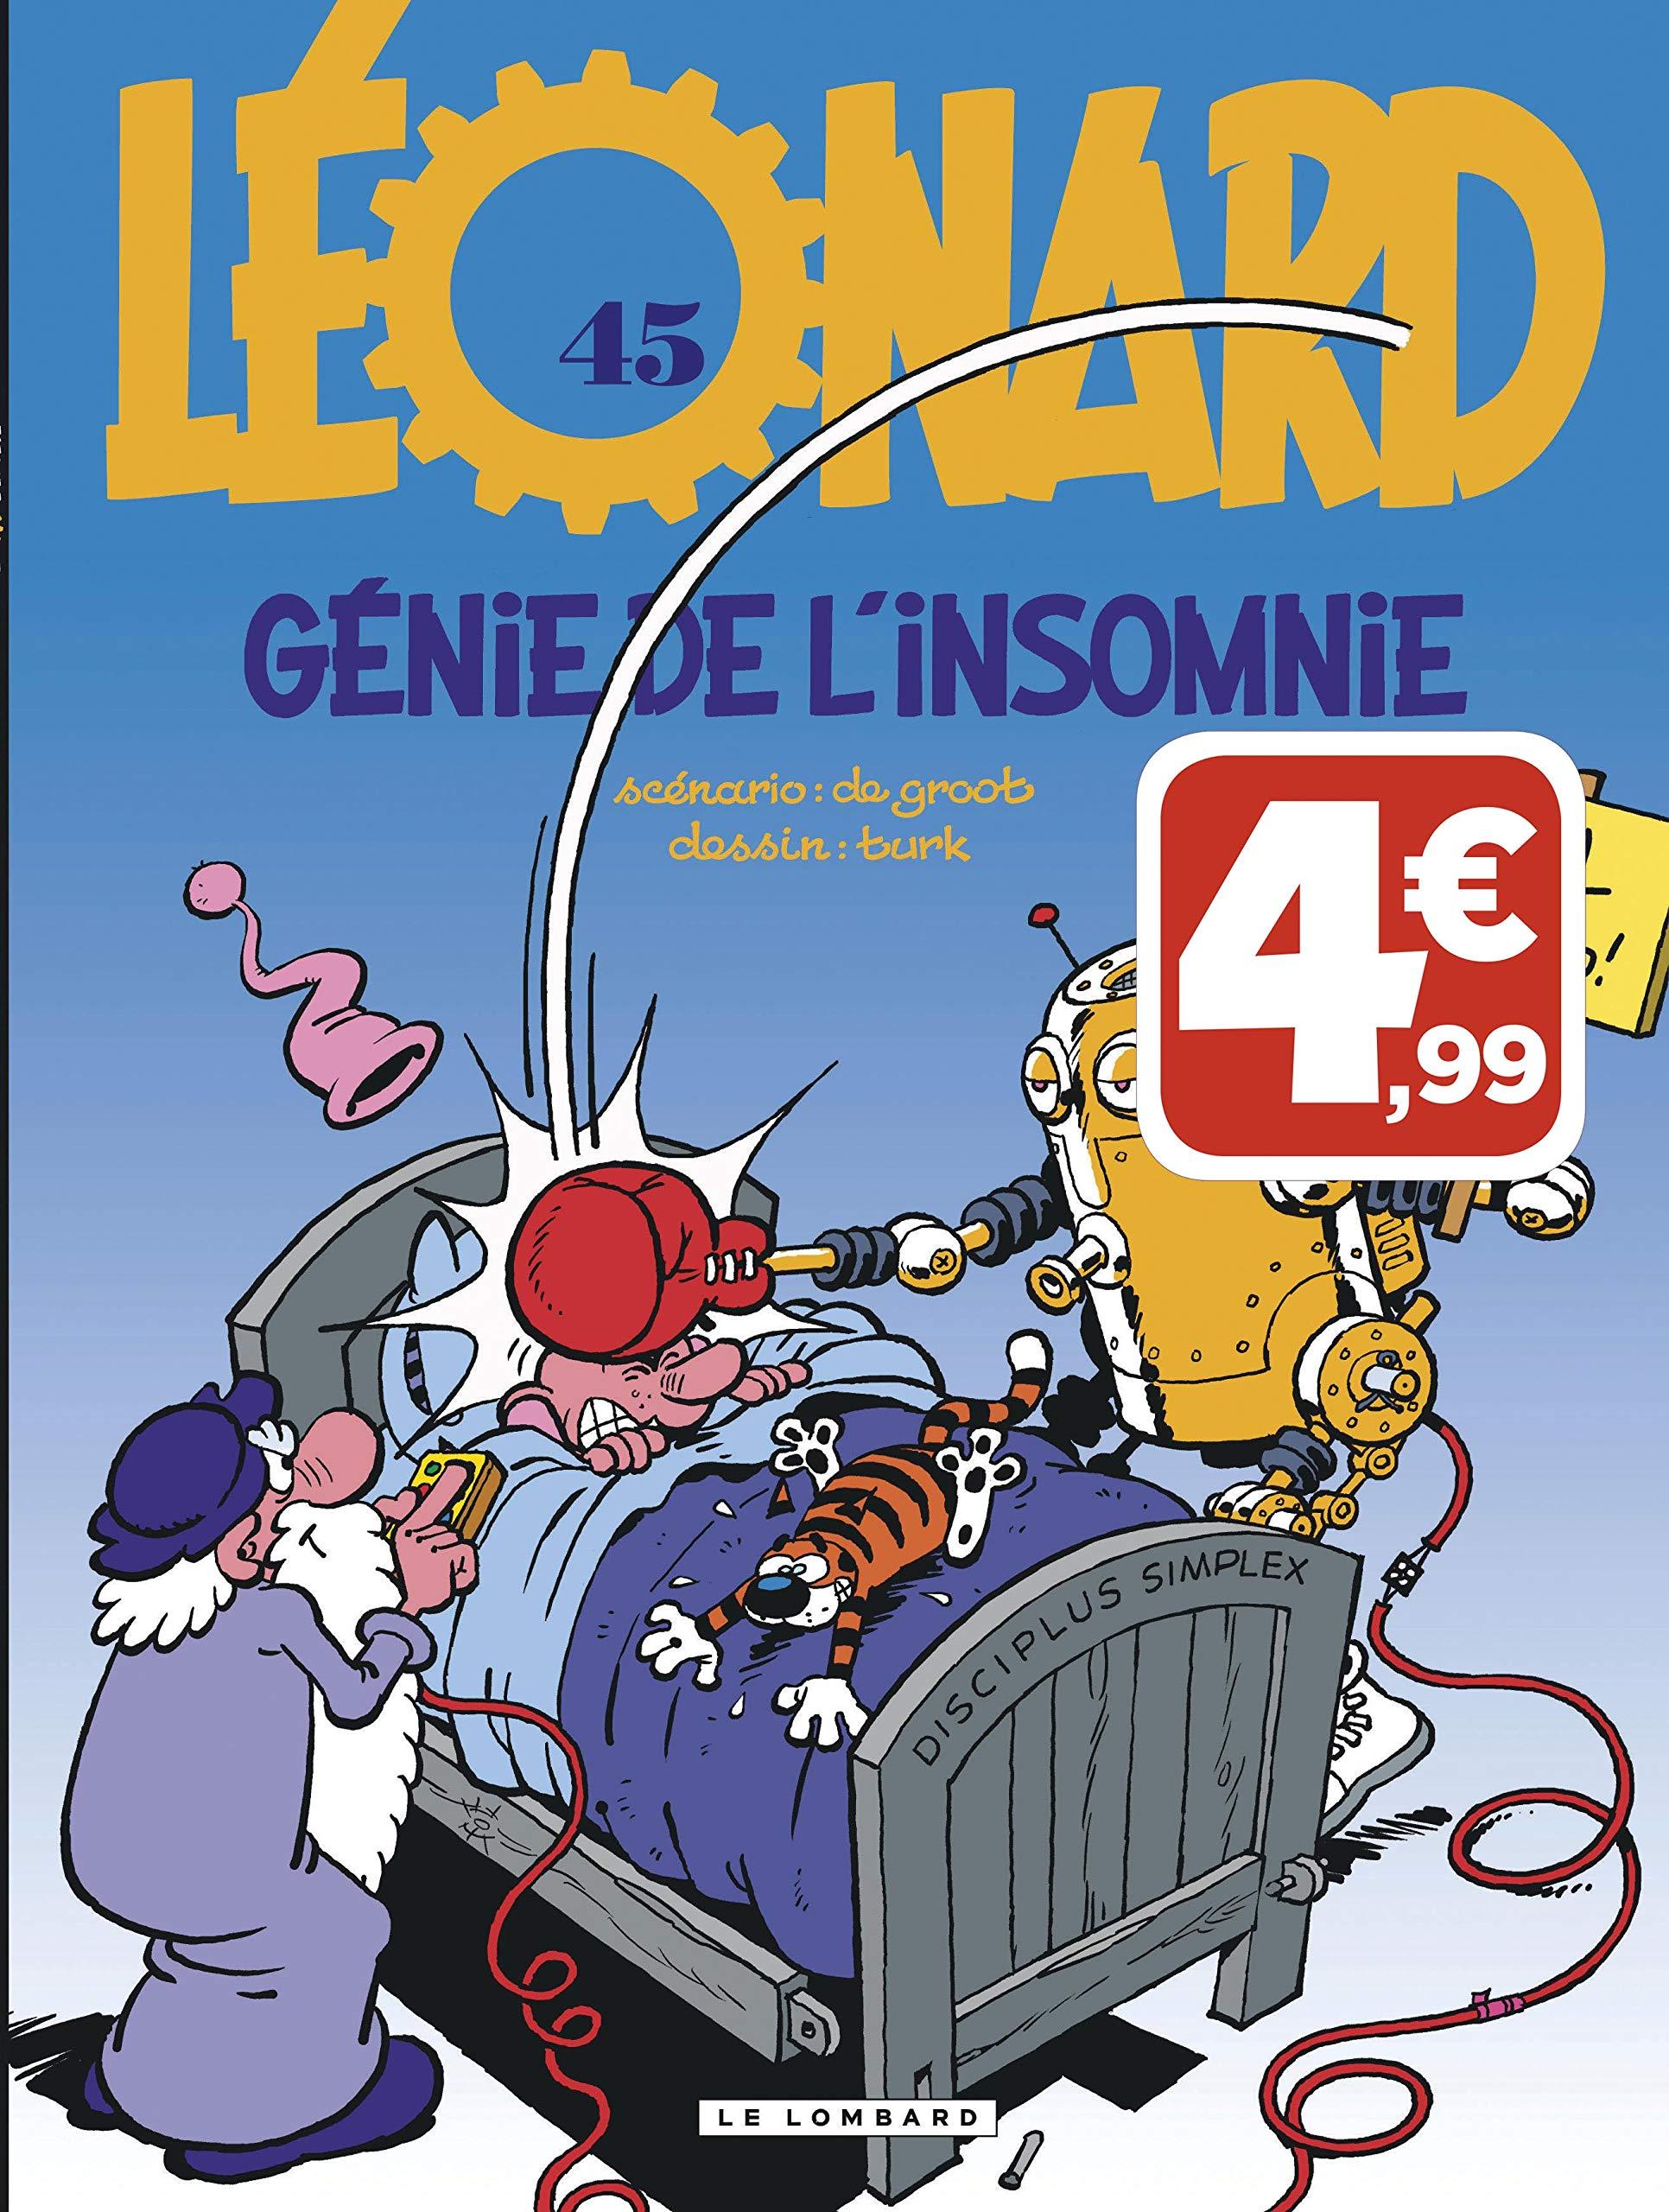 502a84d164415 Amazon.fr - Léonard - tome 45 - Génie de l'insomnie - De Groot, Turk -  Livres